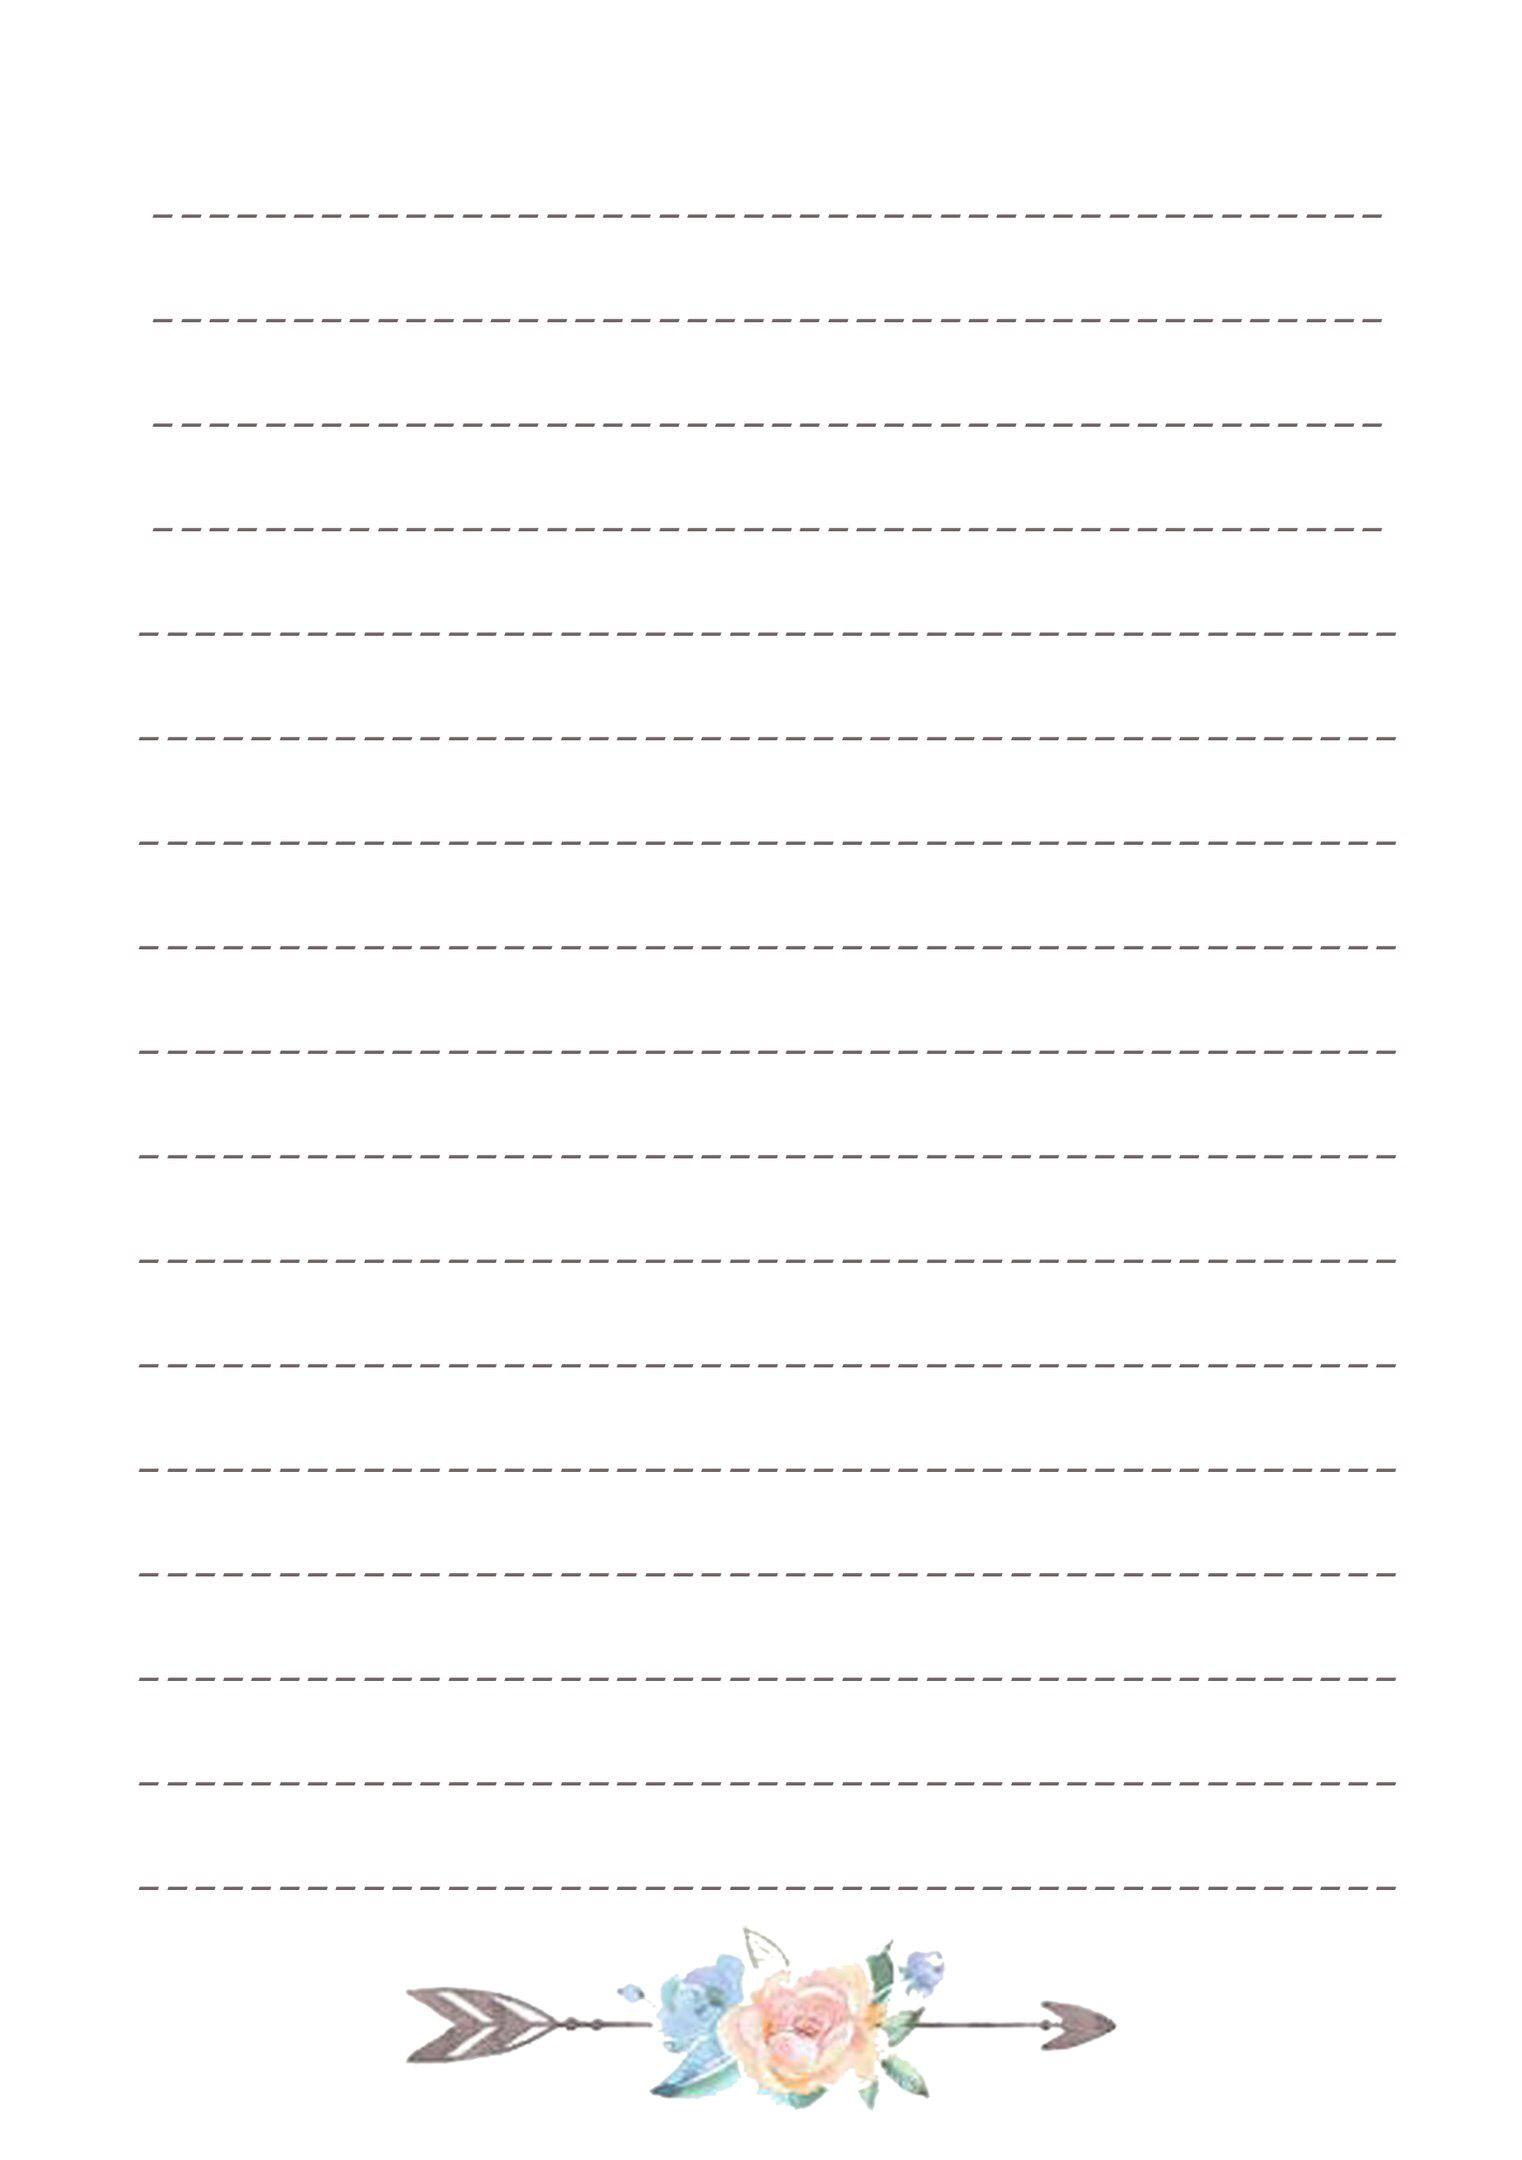 Pin De Lucibi Em Stranichki Dlya Bloknotikov I Kalendarej Etiquetas Para Criancas Bloco De Notas Bloco De Anotacoes